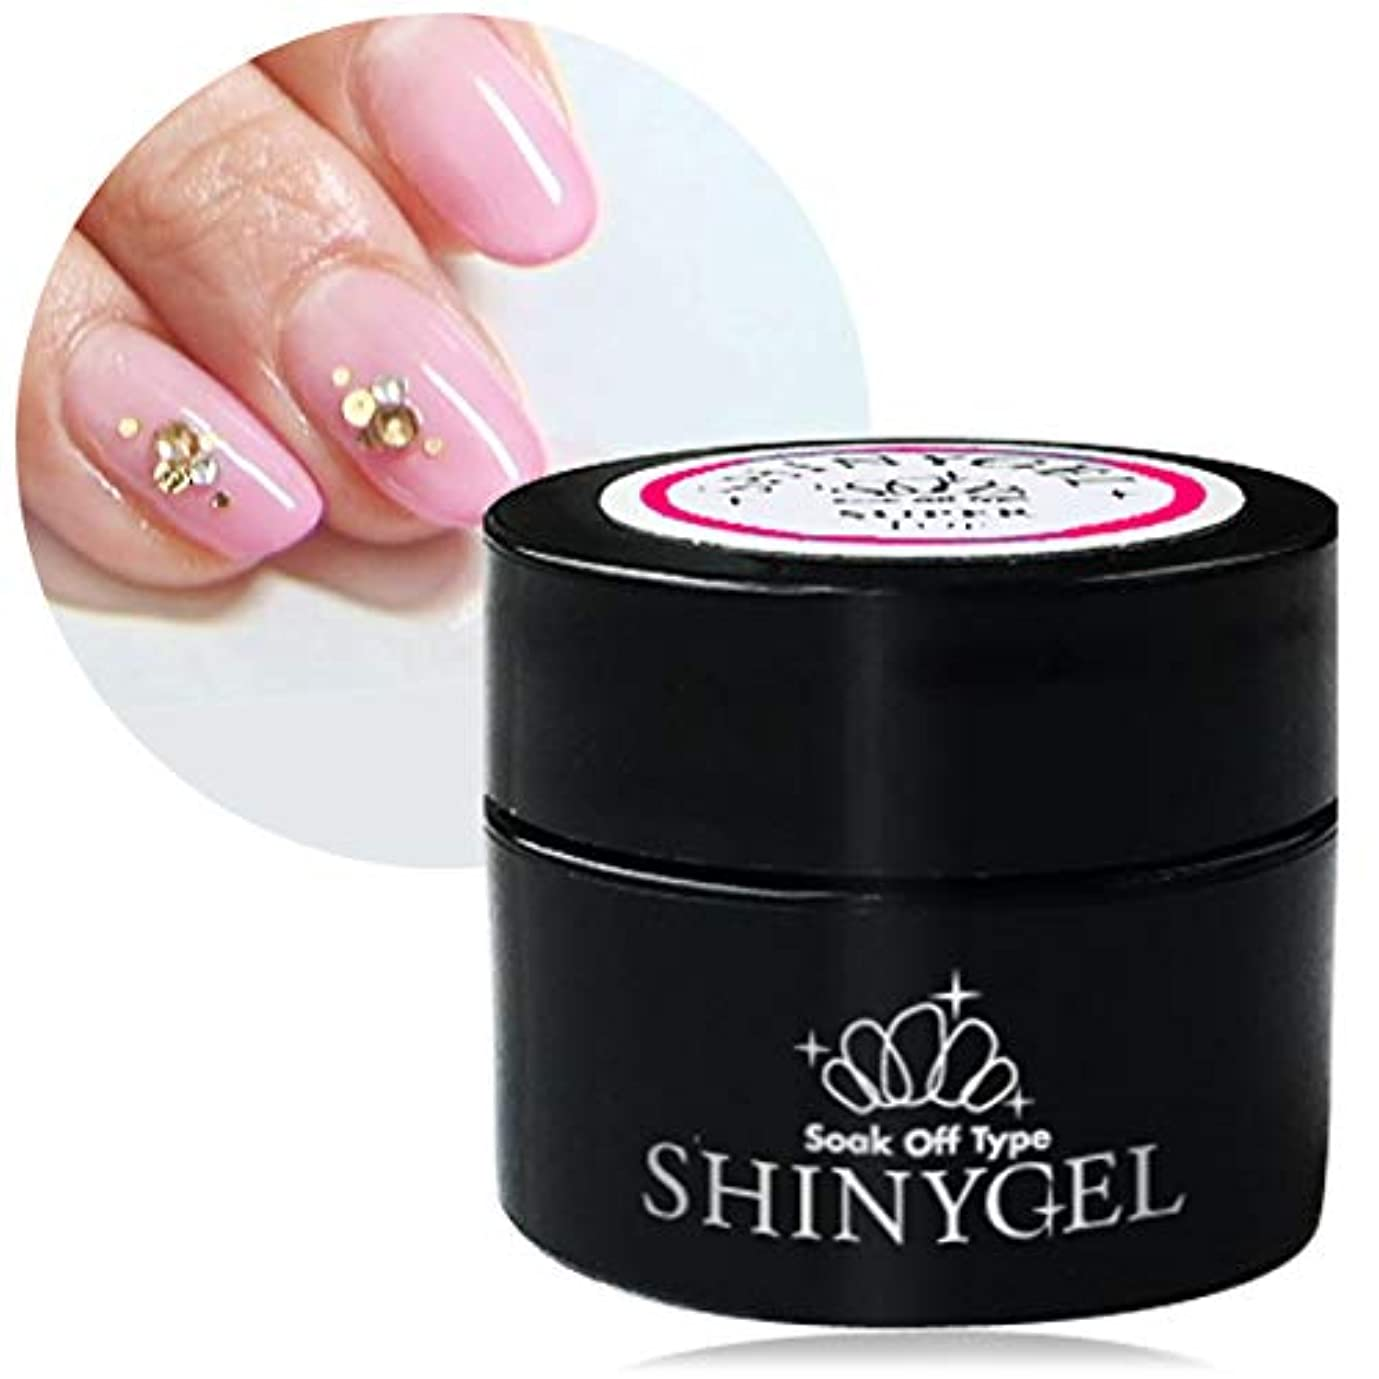 鋼便益簡略化する[UV/LED対応○] SHINYGEL シャイニージェル スーパートップ/5g <セミハードタイプ>爪にやさしく 極上のツヤとうっとりする透明感 100%純国産原料使用